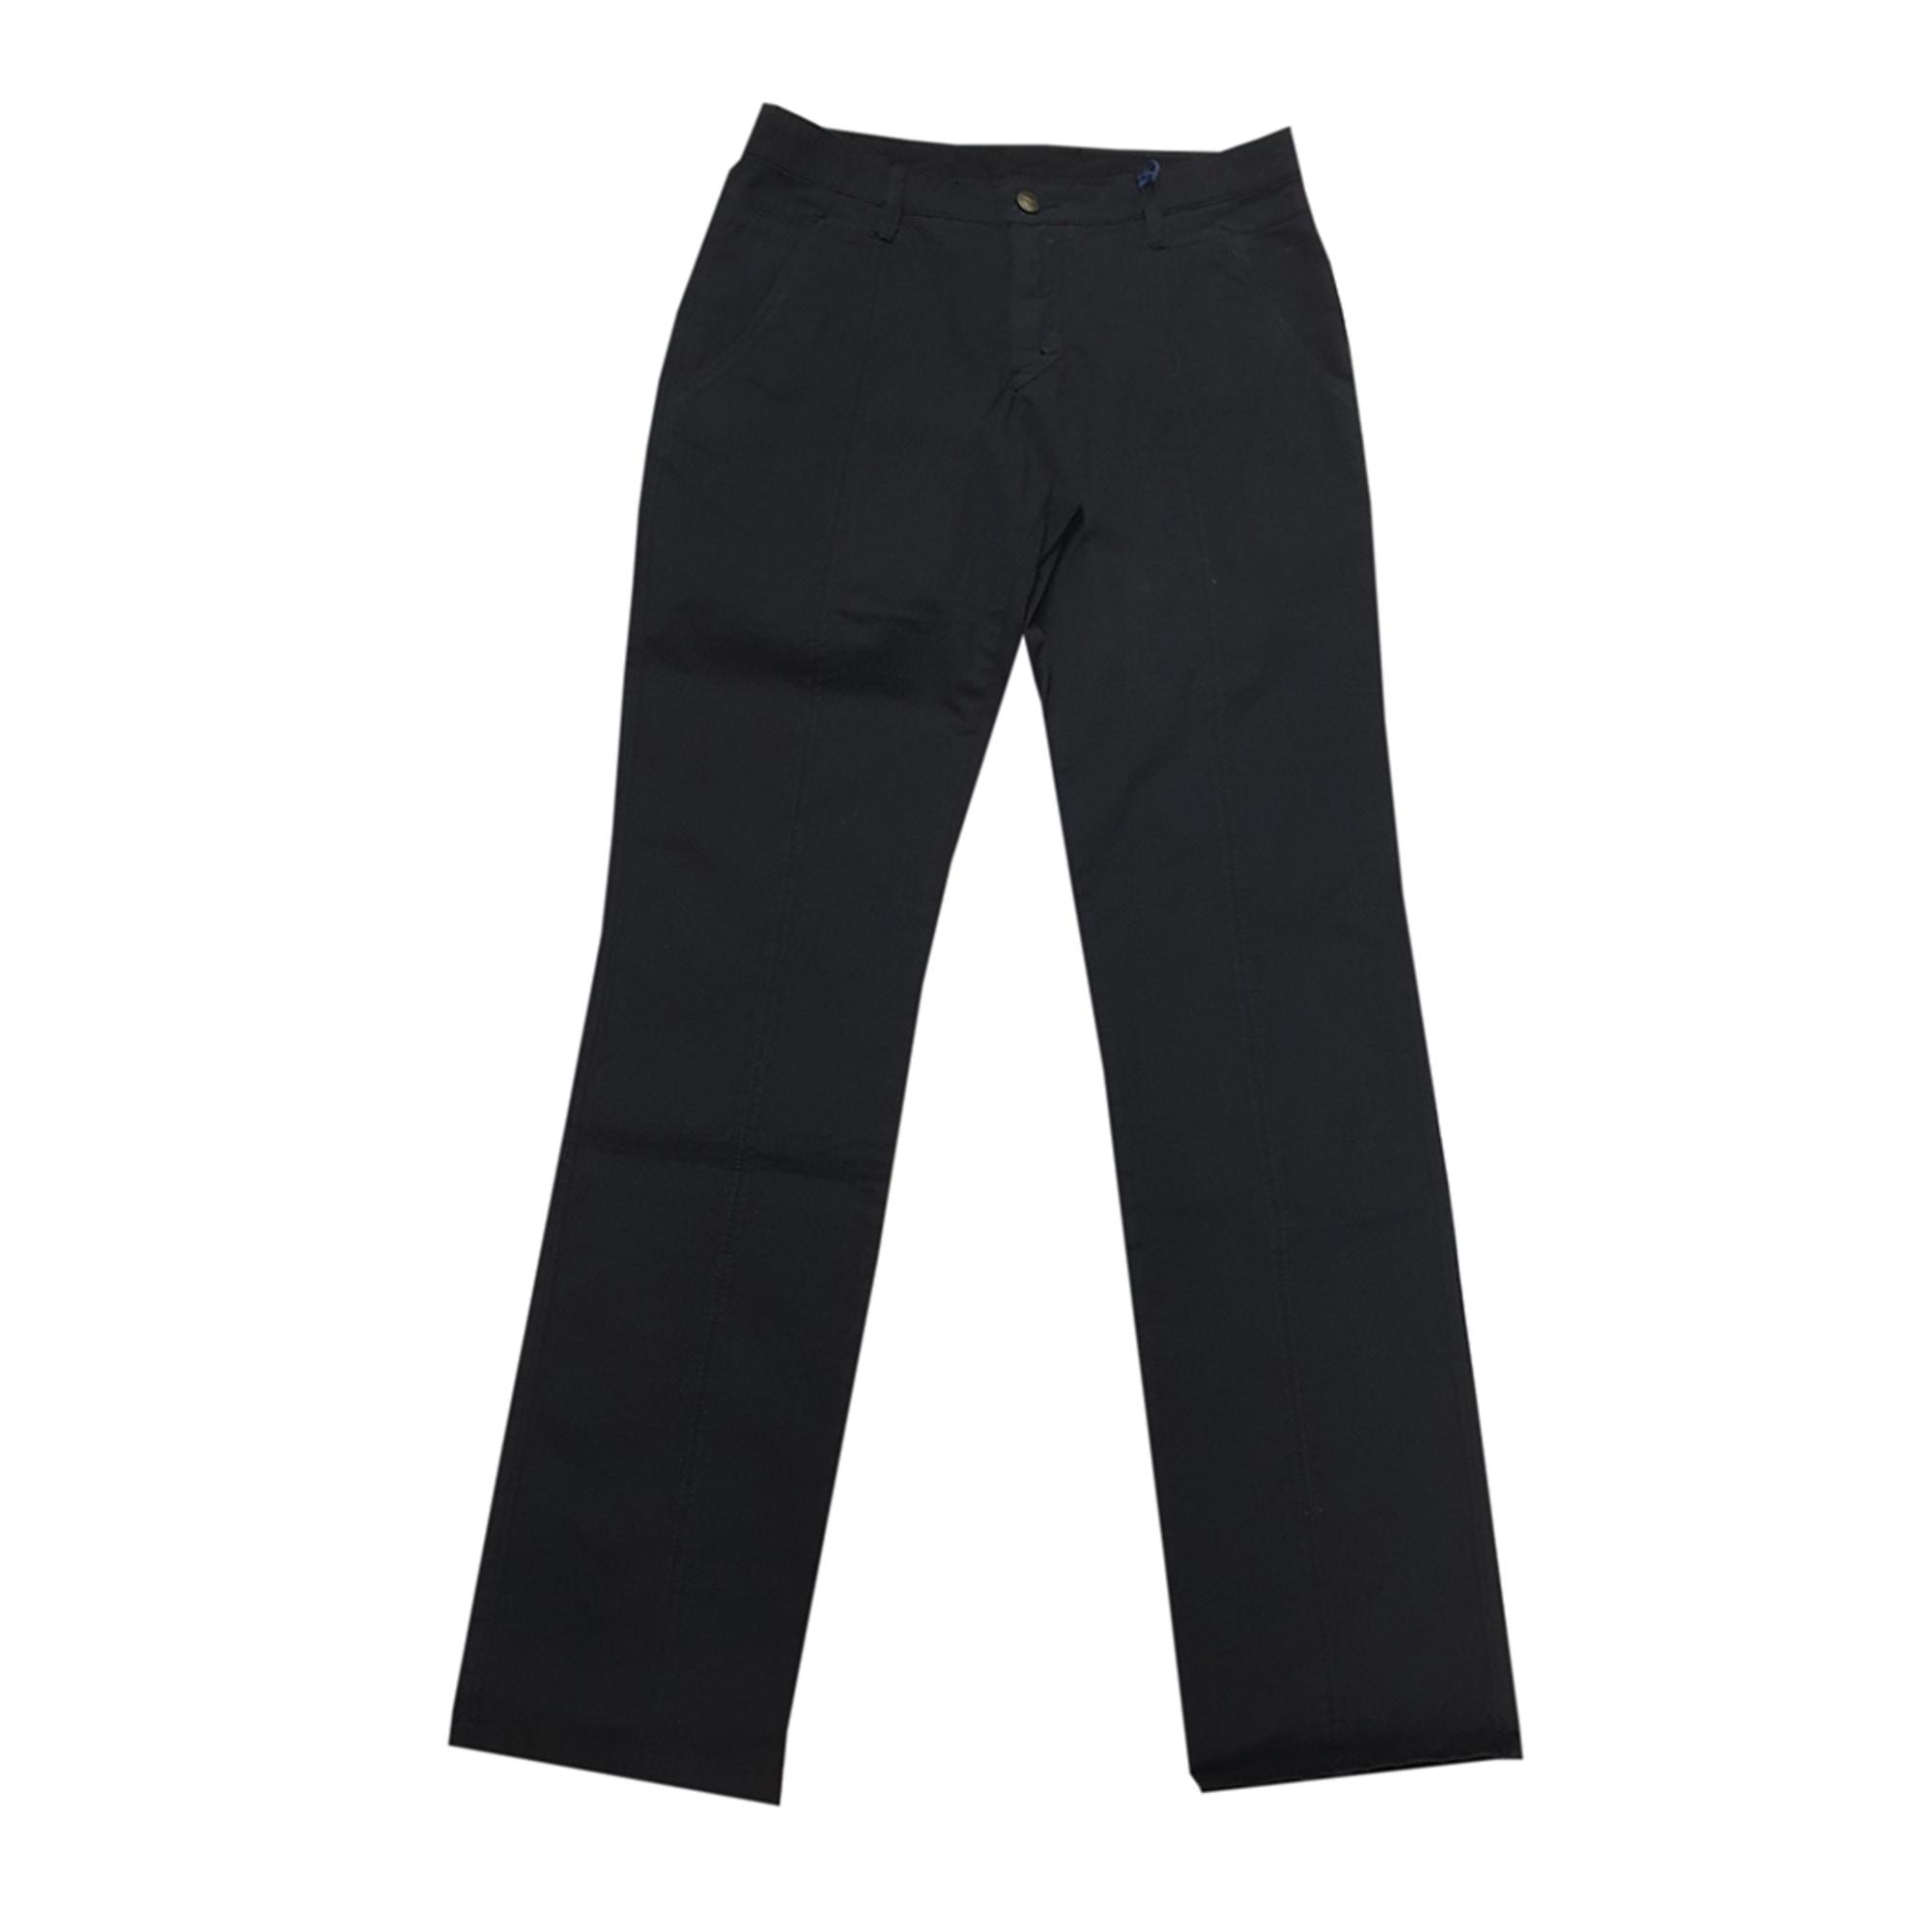 Pantalon droit TRUSSARDI JEANS Bleu, bleu marine, bleu turquoise